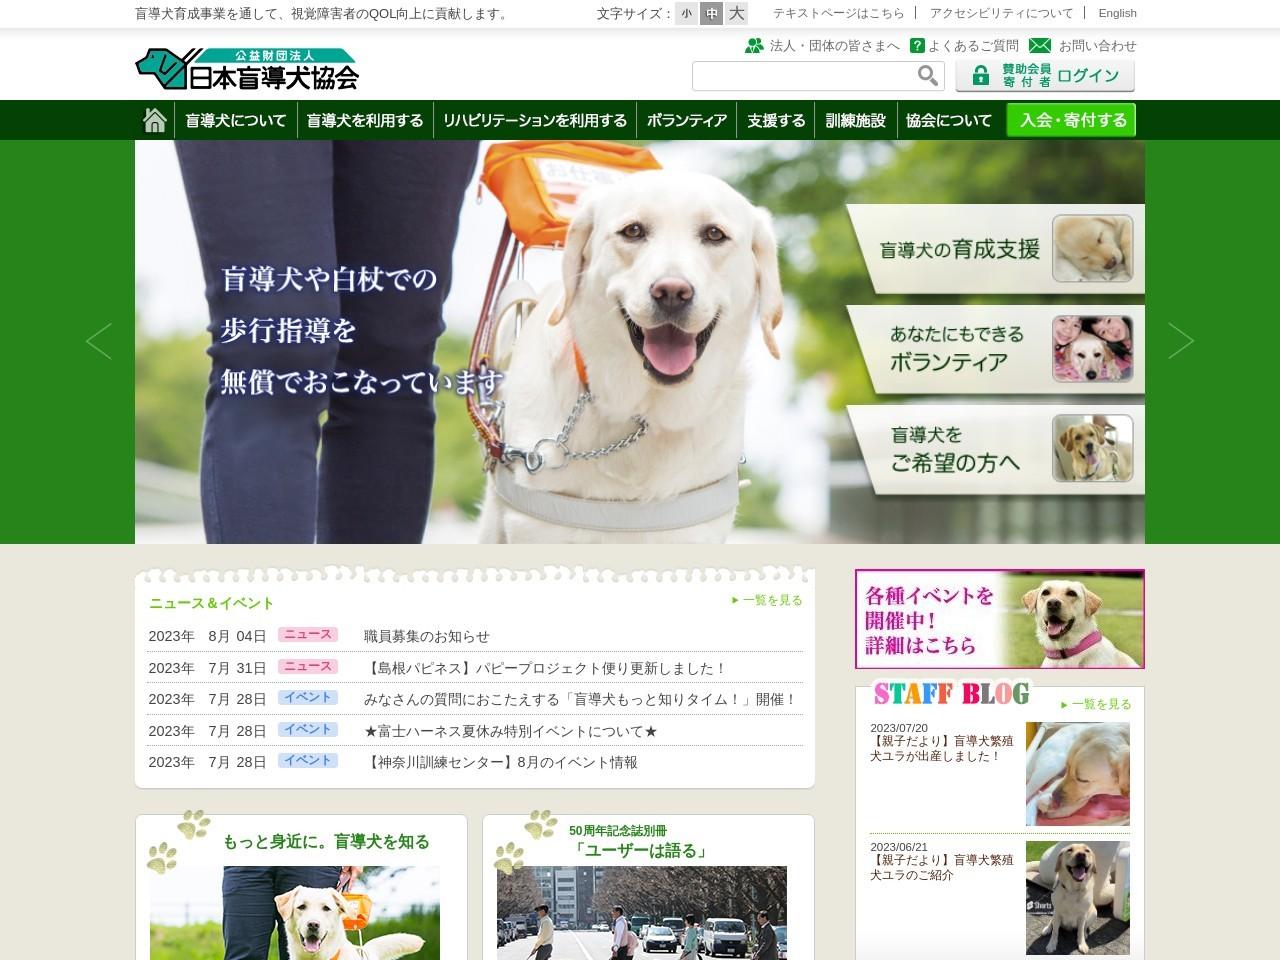 日本盲導犬協会(公益財団法人)島根あさひ訓練センター